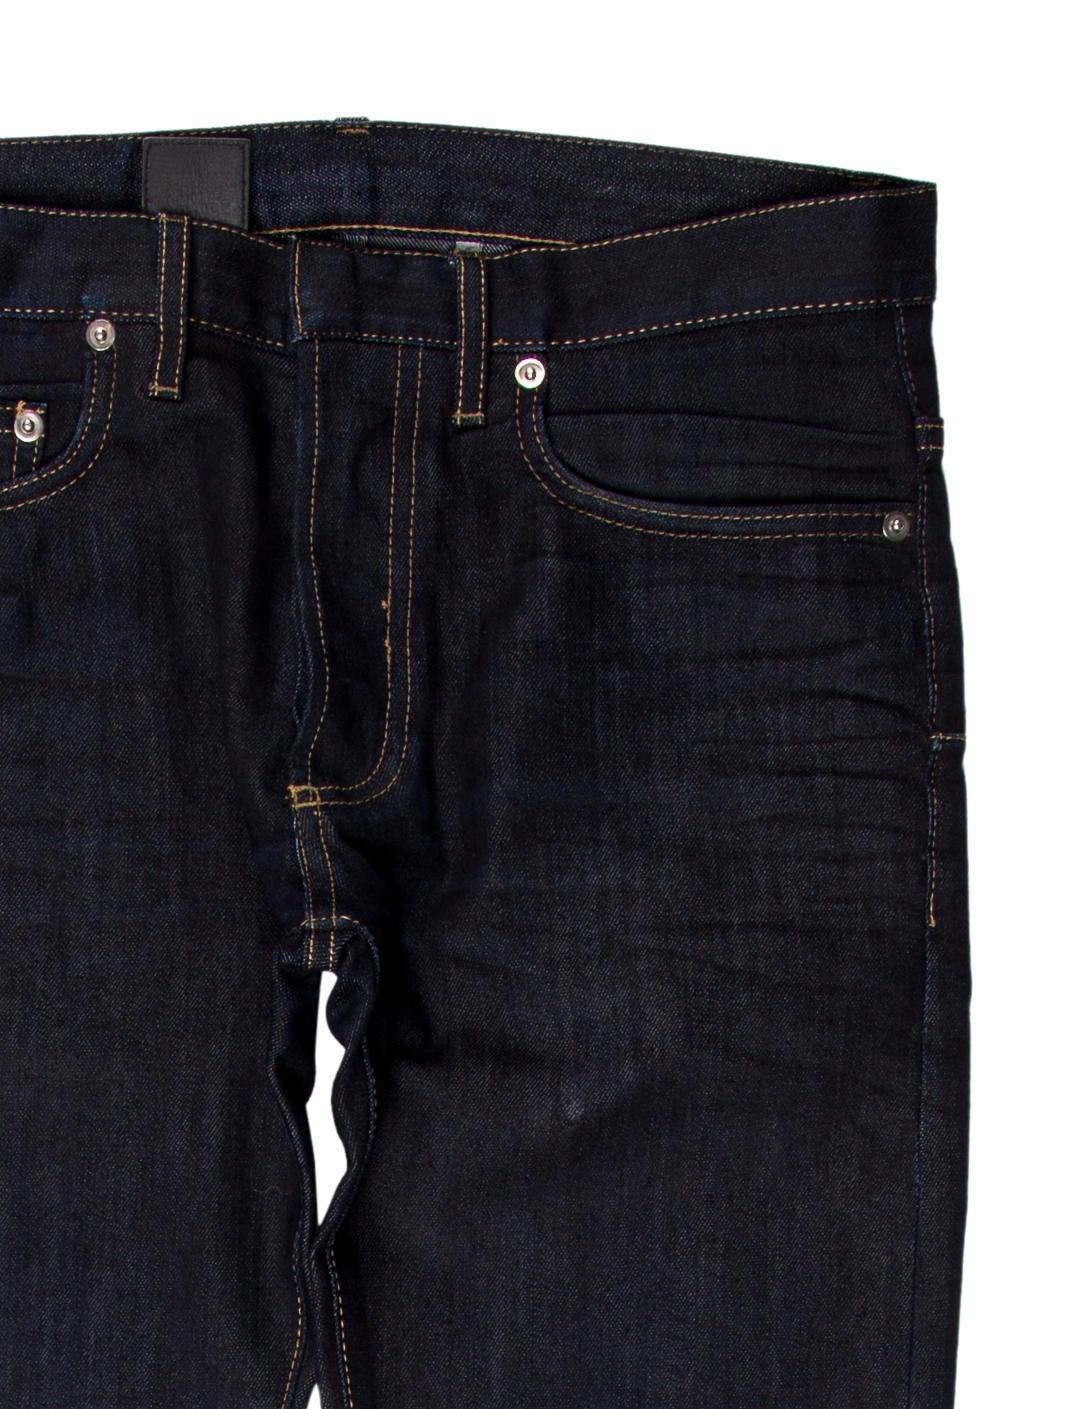 dior homme five pocket skinny jeans clothing hmm22783. Black Bedroom Furniture Sets. Home Design Ideas